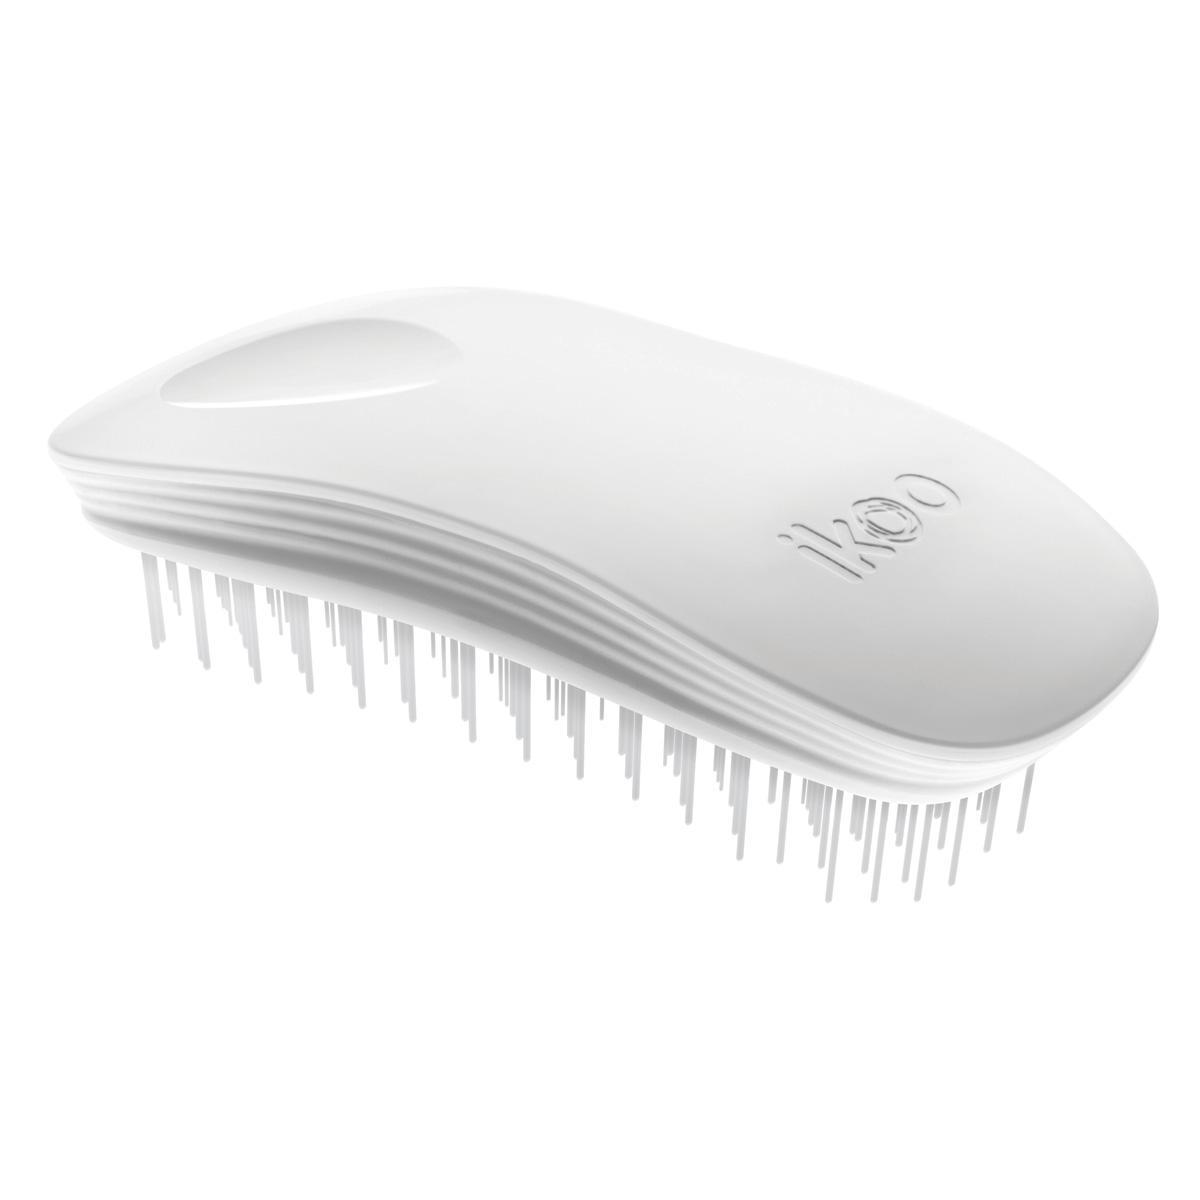 Ikoo Расческа-детанглер Home Classic White90023Ikoo – это расческа-детанглер, которая:- придает объем и блеск волосам- массирует кожу головы- позволяет заботиться о волосах даже во время расчесывания и не оставляет шанса секущимся кончикам- легко распутывает влажные волосы- распутывает волосы без болиУникальный подход щетки ikoo — расположение и структура щетинок, которые позволяют не только легко распутывать и расчесывать волосы, но и делать массаж головы в соответствии с принципами традиционной китайской медицины. Щетинки стимулируют энергетические меридианы и рефлексогенные зоны, что также положительно влияет на вегетативную нервную систему. Благодаря оптимальной степени твердости щетины, волосы распутываются легко и без вытягивания. Щетка ikoo сохраняет свою функциональность даже после долговременного использования.Щетки ikoo изготовлены из высококачественной смолы и акрила. Для комфортного использования корпус щетки отделан натуральной резиной, что помогает надежно удерживать щетку в руке. Скомбинировав эти три материала, мы избежали использования дерева и натуральной щетины, так как эти материалы подходят не для всех типов волос, а также труднее очищаются. Щетки ikoo соблюдают все гигиенические стандарты за счет своего состава. В процессе разработки мы уделили большое внимание дизайну щетки, чтобы и правшам, и левшам было комфортно ей пользоваться.Дизайн расчески основан на принципах традиционной китайской медицины, которые практикуются уже более 2000 лет, и до сих пор. Согласно им, массаж головы оказывает гармонизирующий эффект на весь организм. Вогнутая форма расчески ikoo позволяет делать себе массаж по специальным акупунктурным точкам и рефлексогенным зонам кожи головы.В результате чего усиливается кровообращение и наполнение волос питательными элементами. Ежедневный массаж расческой ikoo поможет поддержать здоровье всей области головы и шеи. Таким образом, расческа становится не только повседневным аксессуаром, а полноценным инструментом для поддержания з